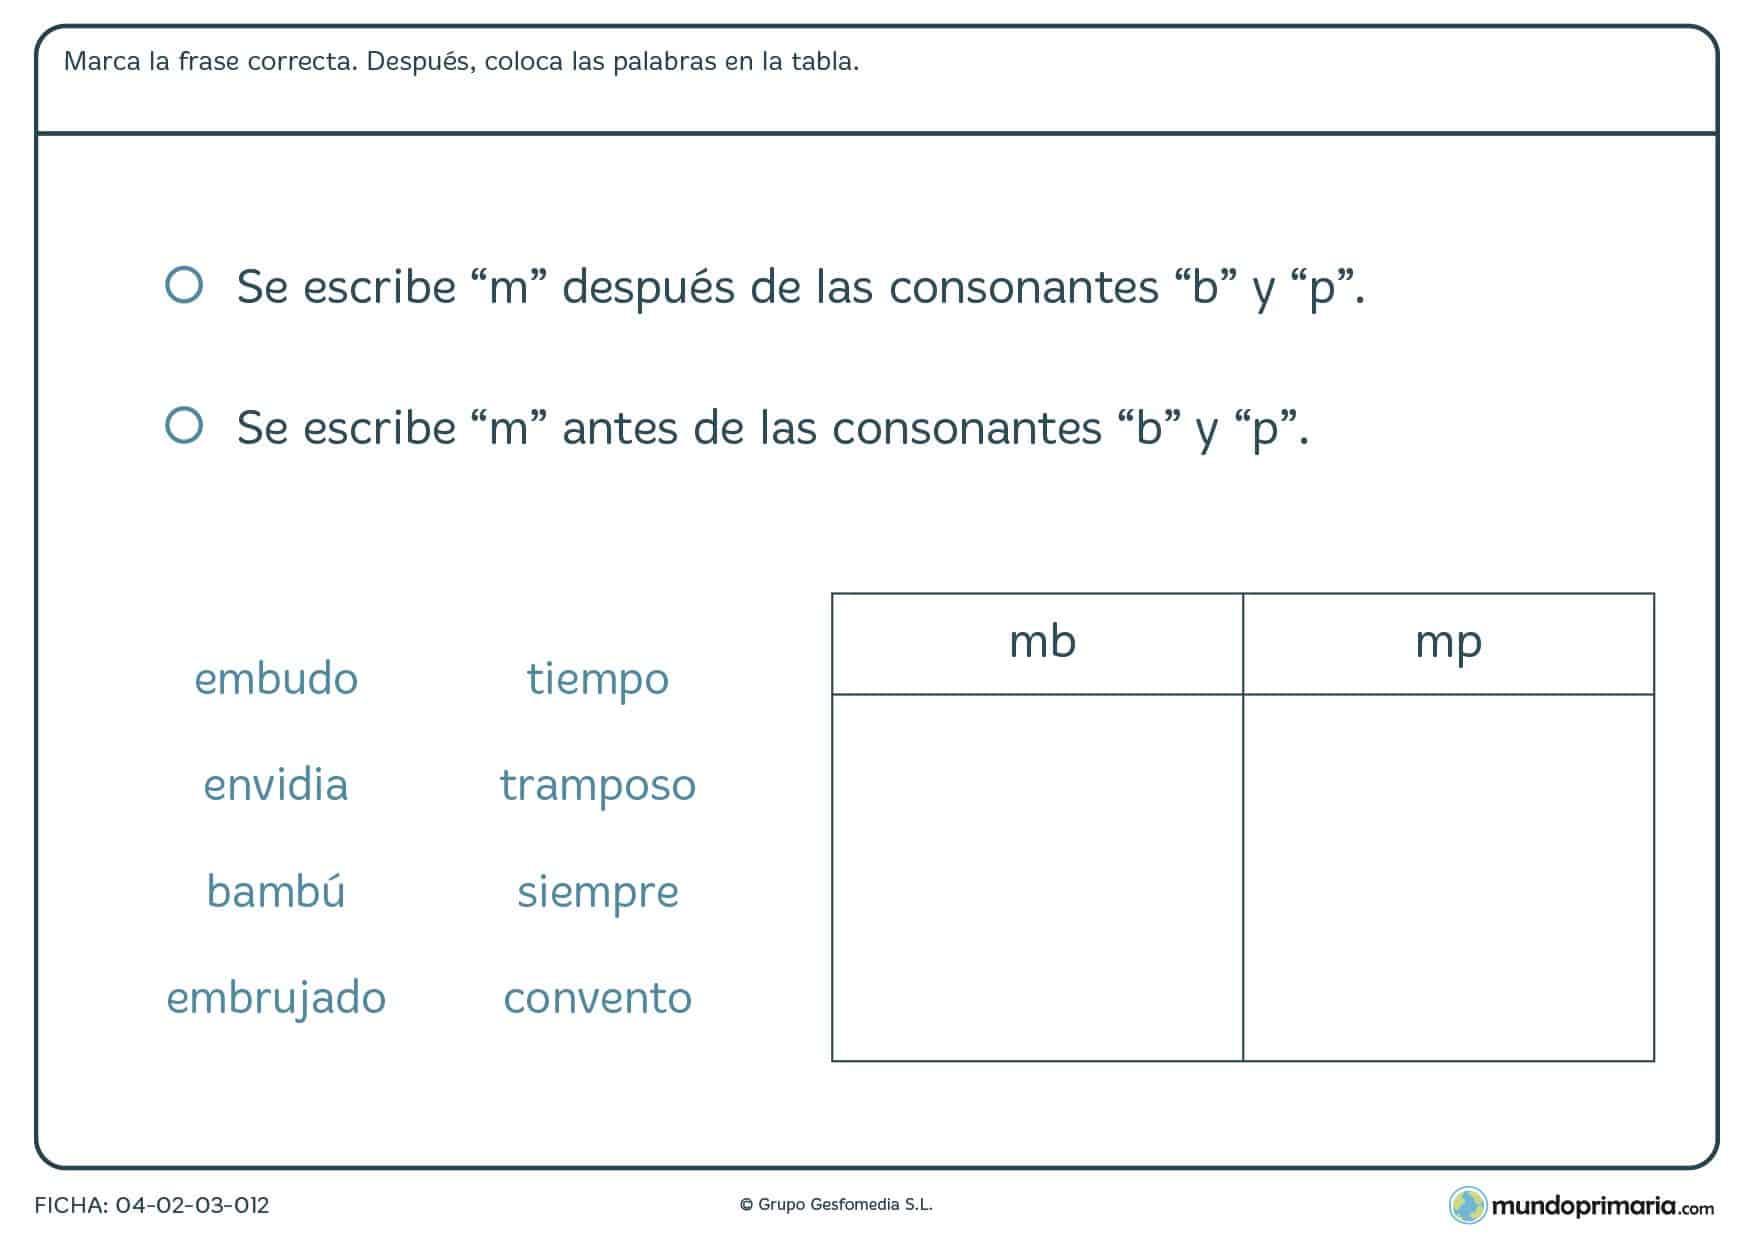 """Ficha de colocar la """"m"""" con """"b"""" y """"p"""" en la que debes tener en cuenta la regla de ortografía correcta para colocar las palabras en su columna correspondiente."""